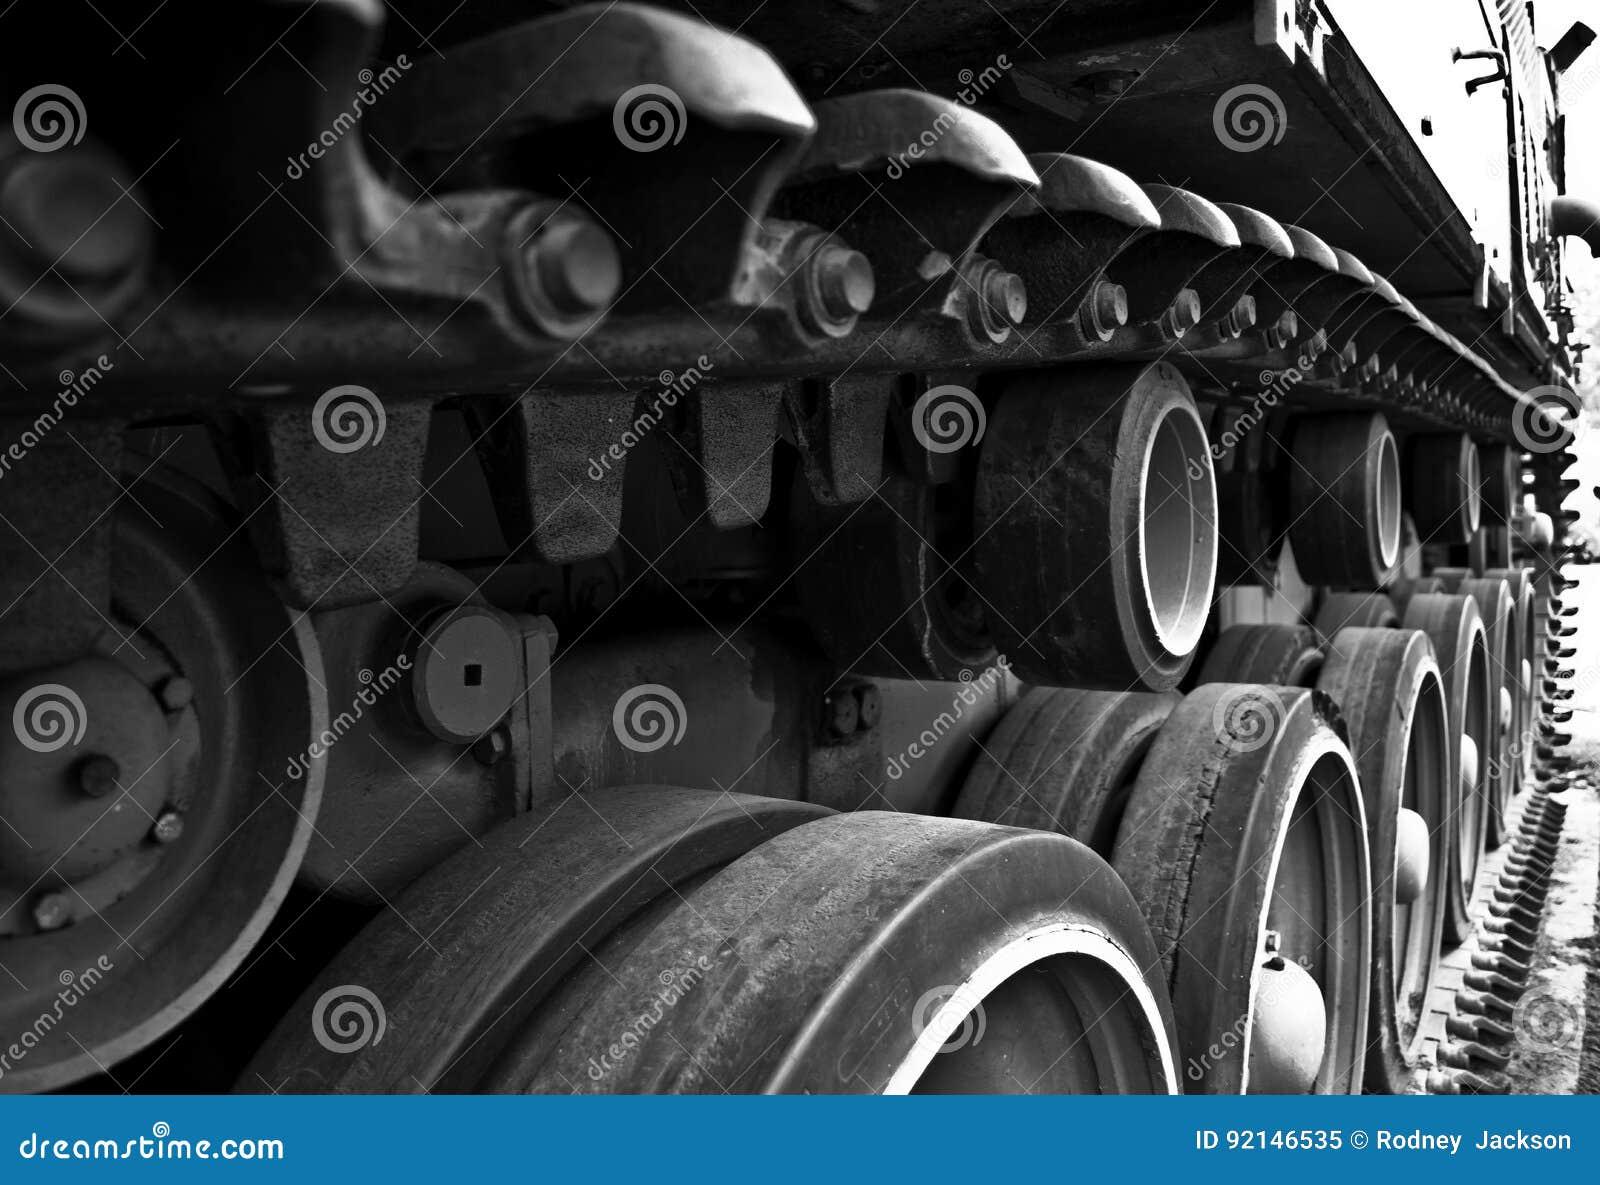 Dientes en el montaje de pista de un tanque WW2